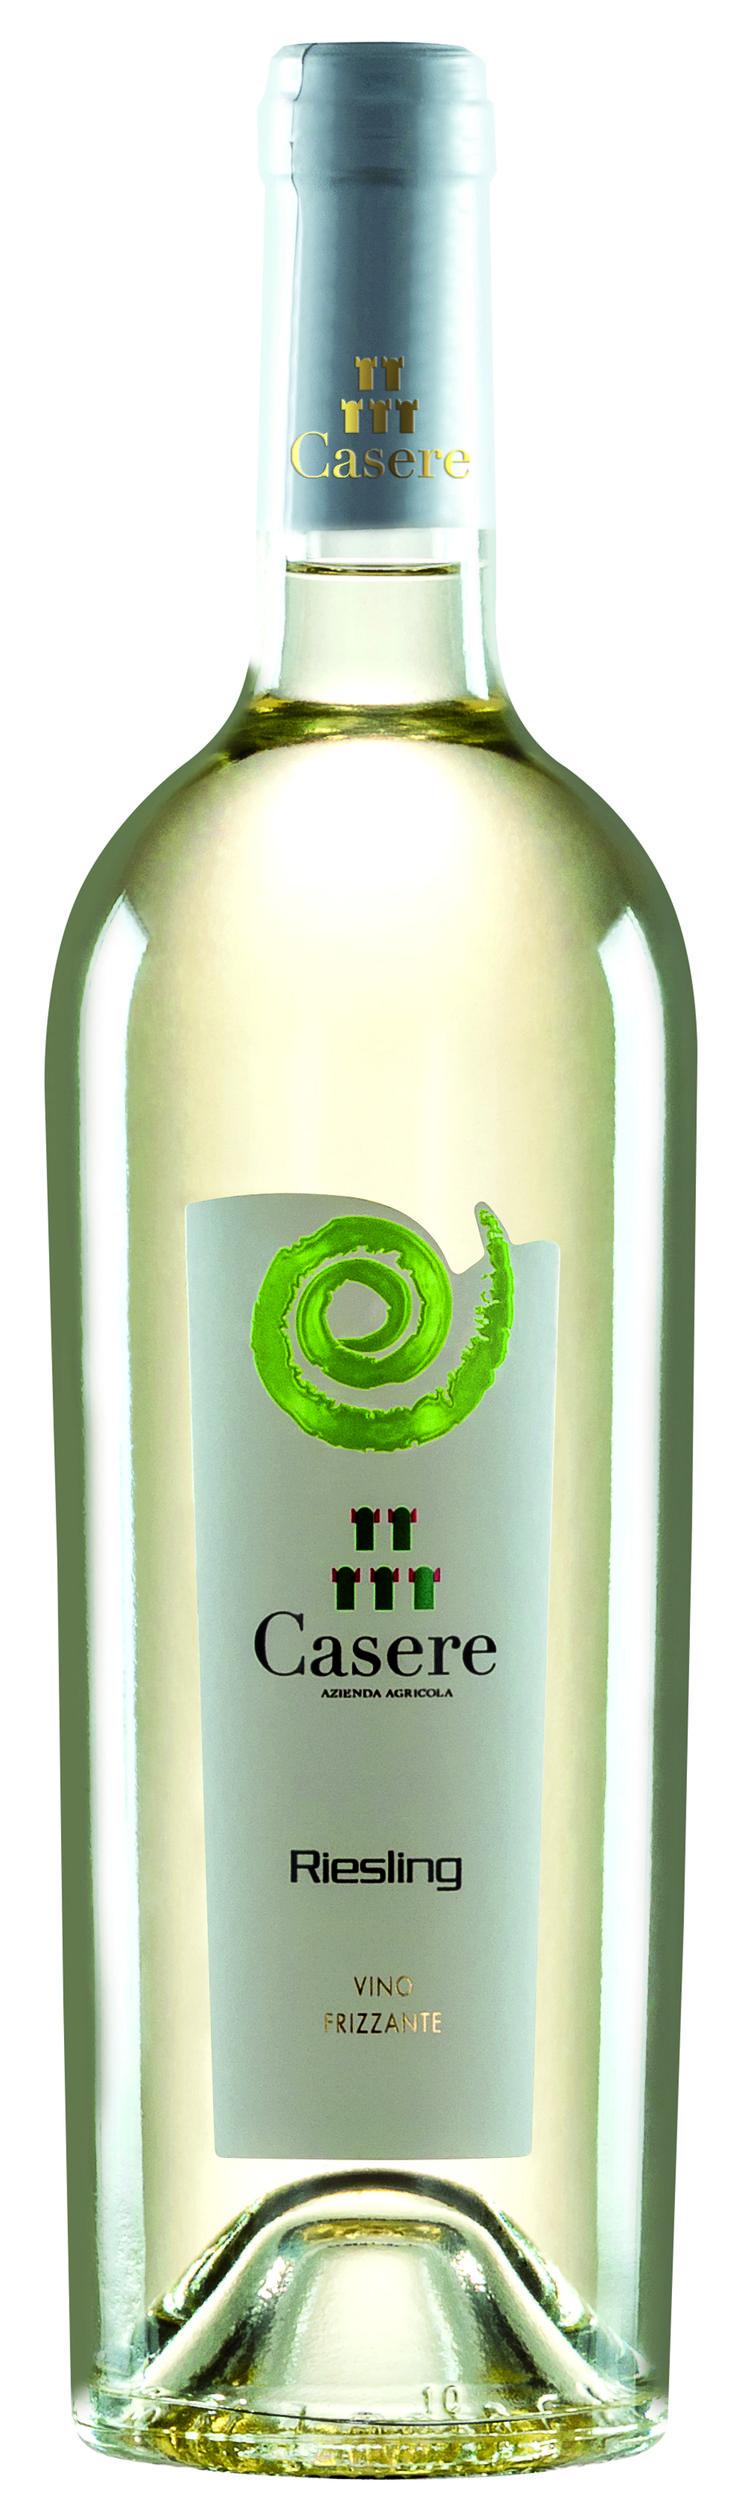 Riesling - Casere Azienda Agricola #winelabel #winedesign #italianwine #Francescon #Collodi #F&C